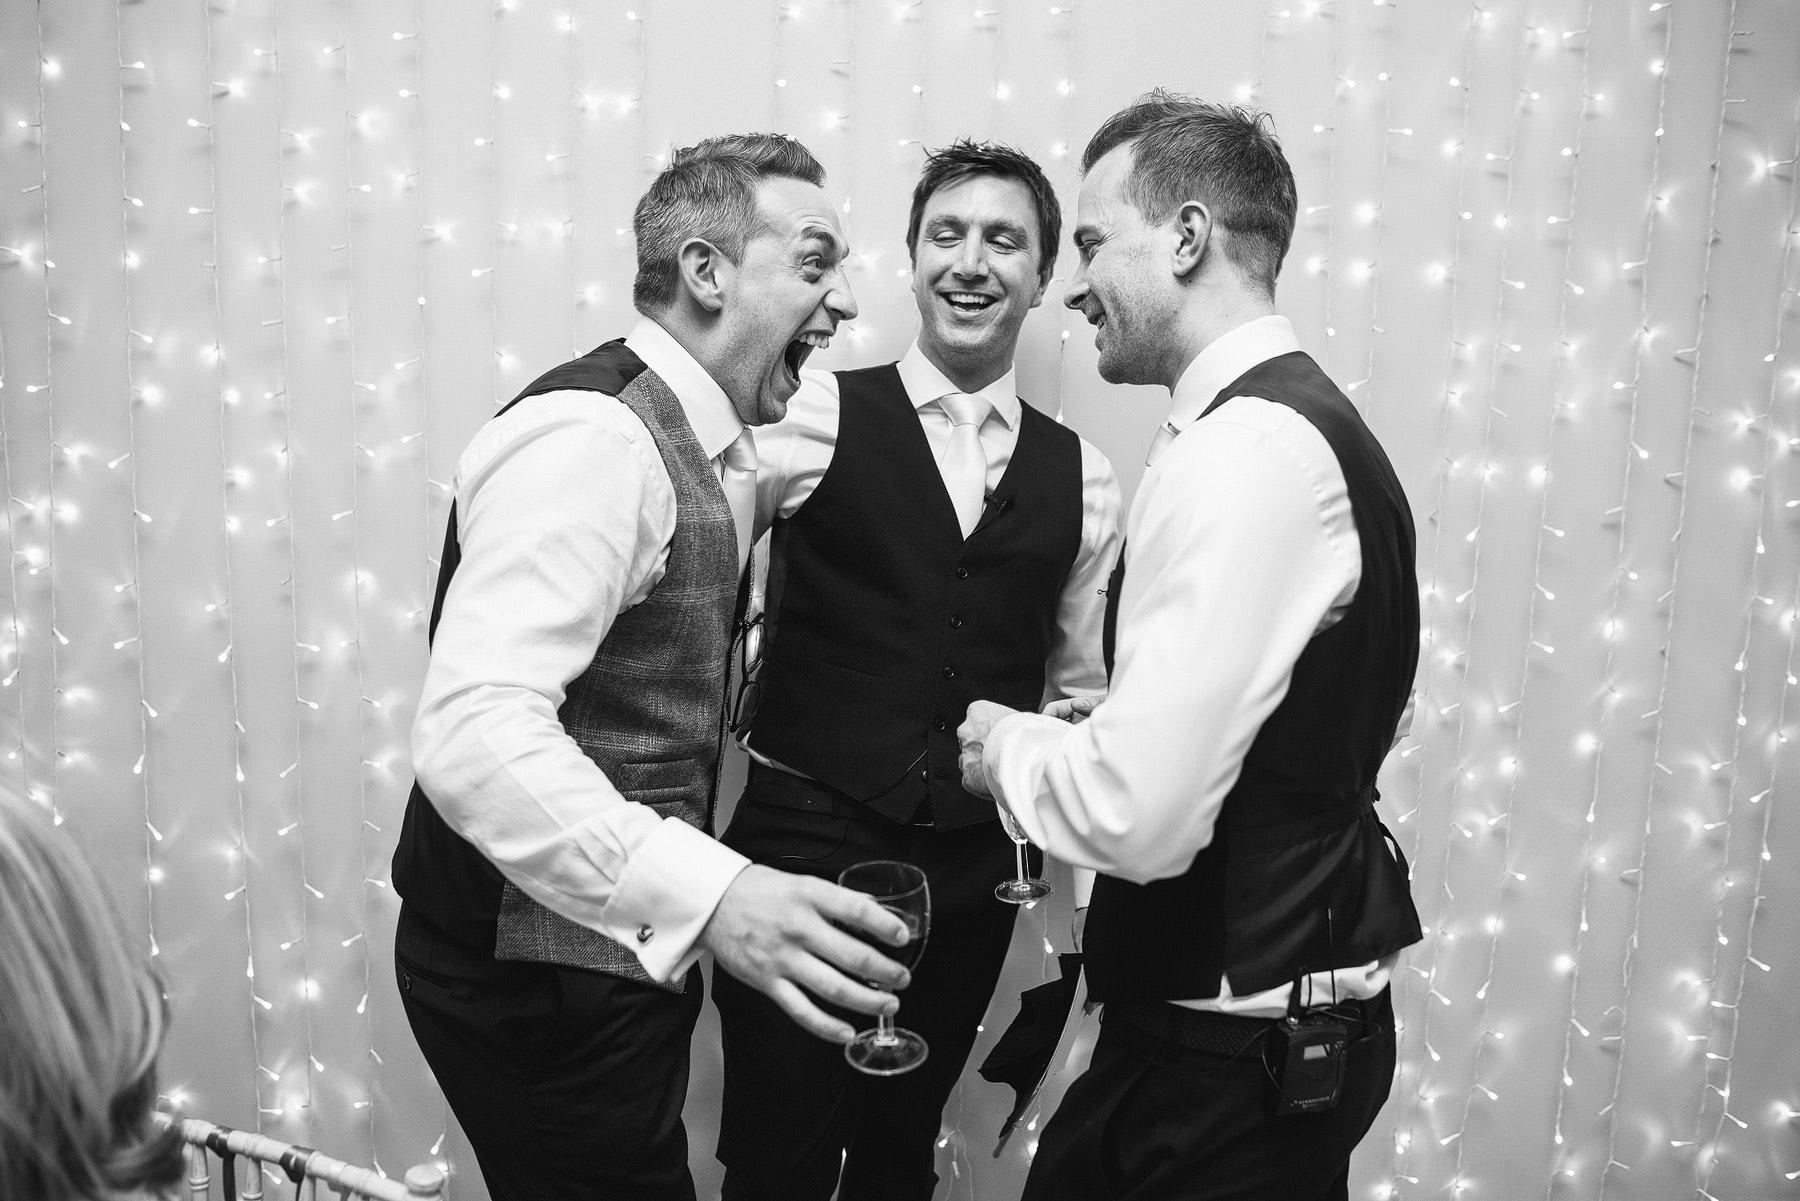 matara centre laughter at a wedding